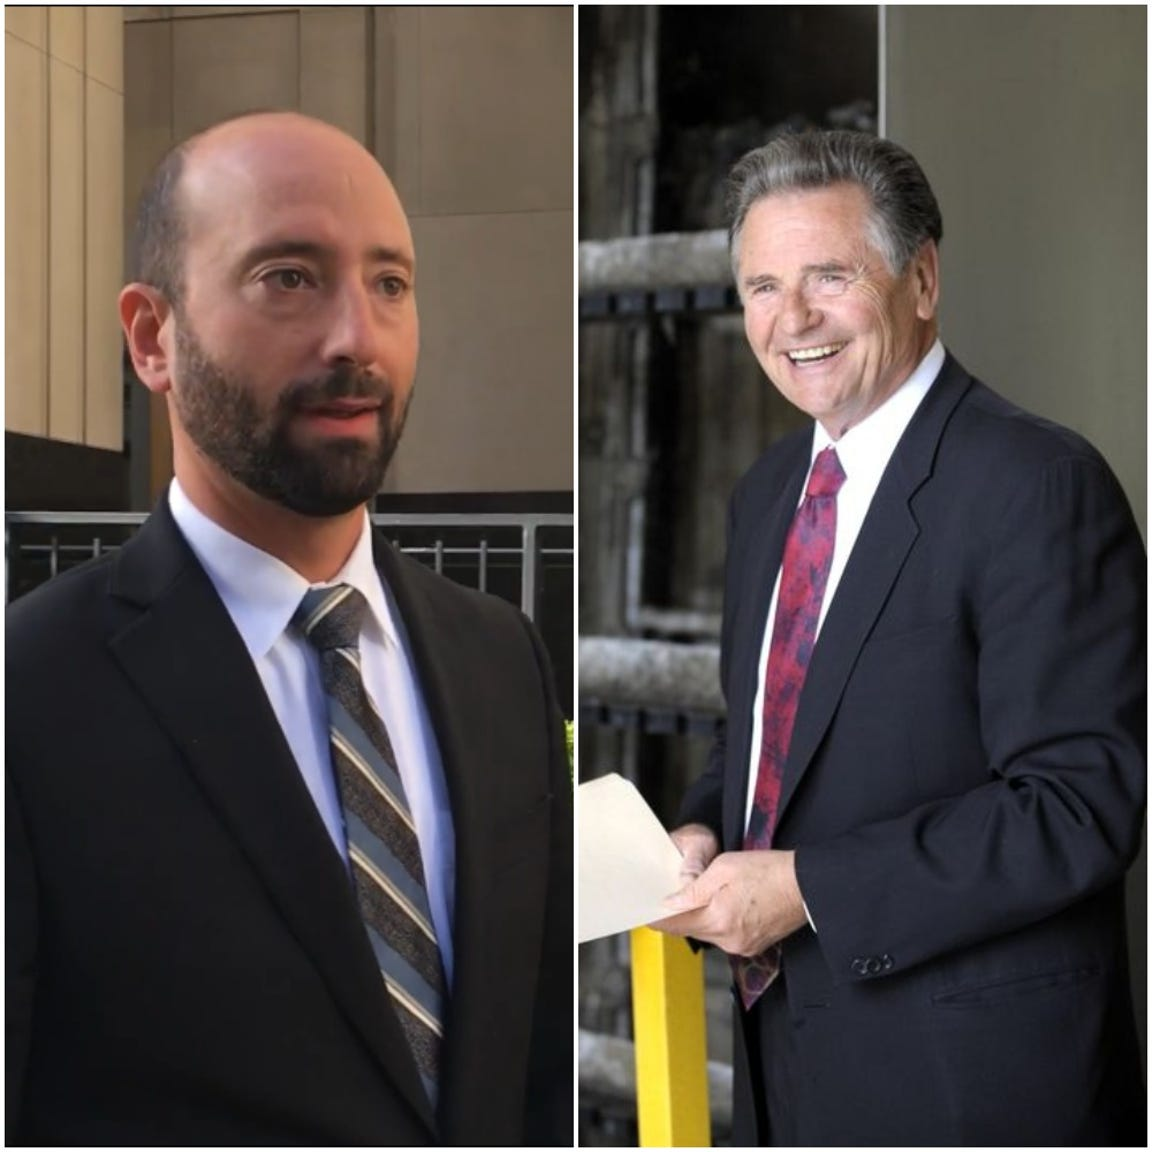 Gabe Leland, left, and Anthony Marrocco